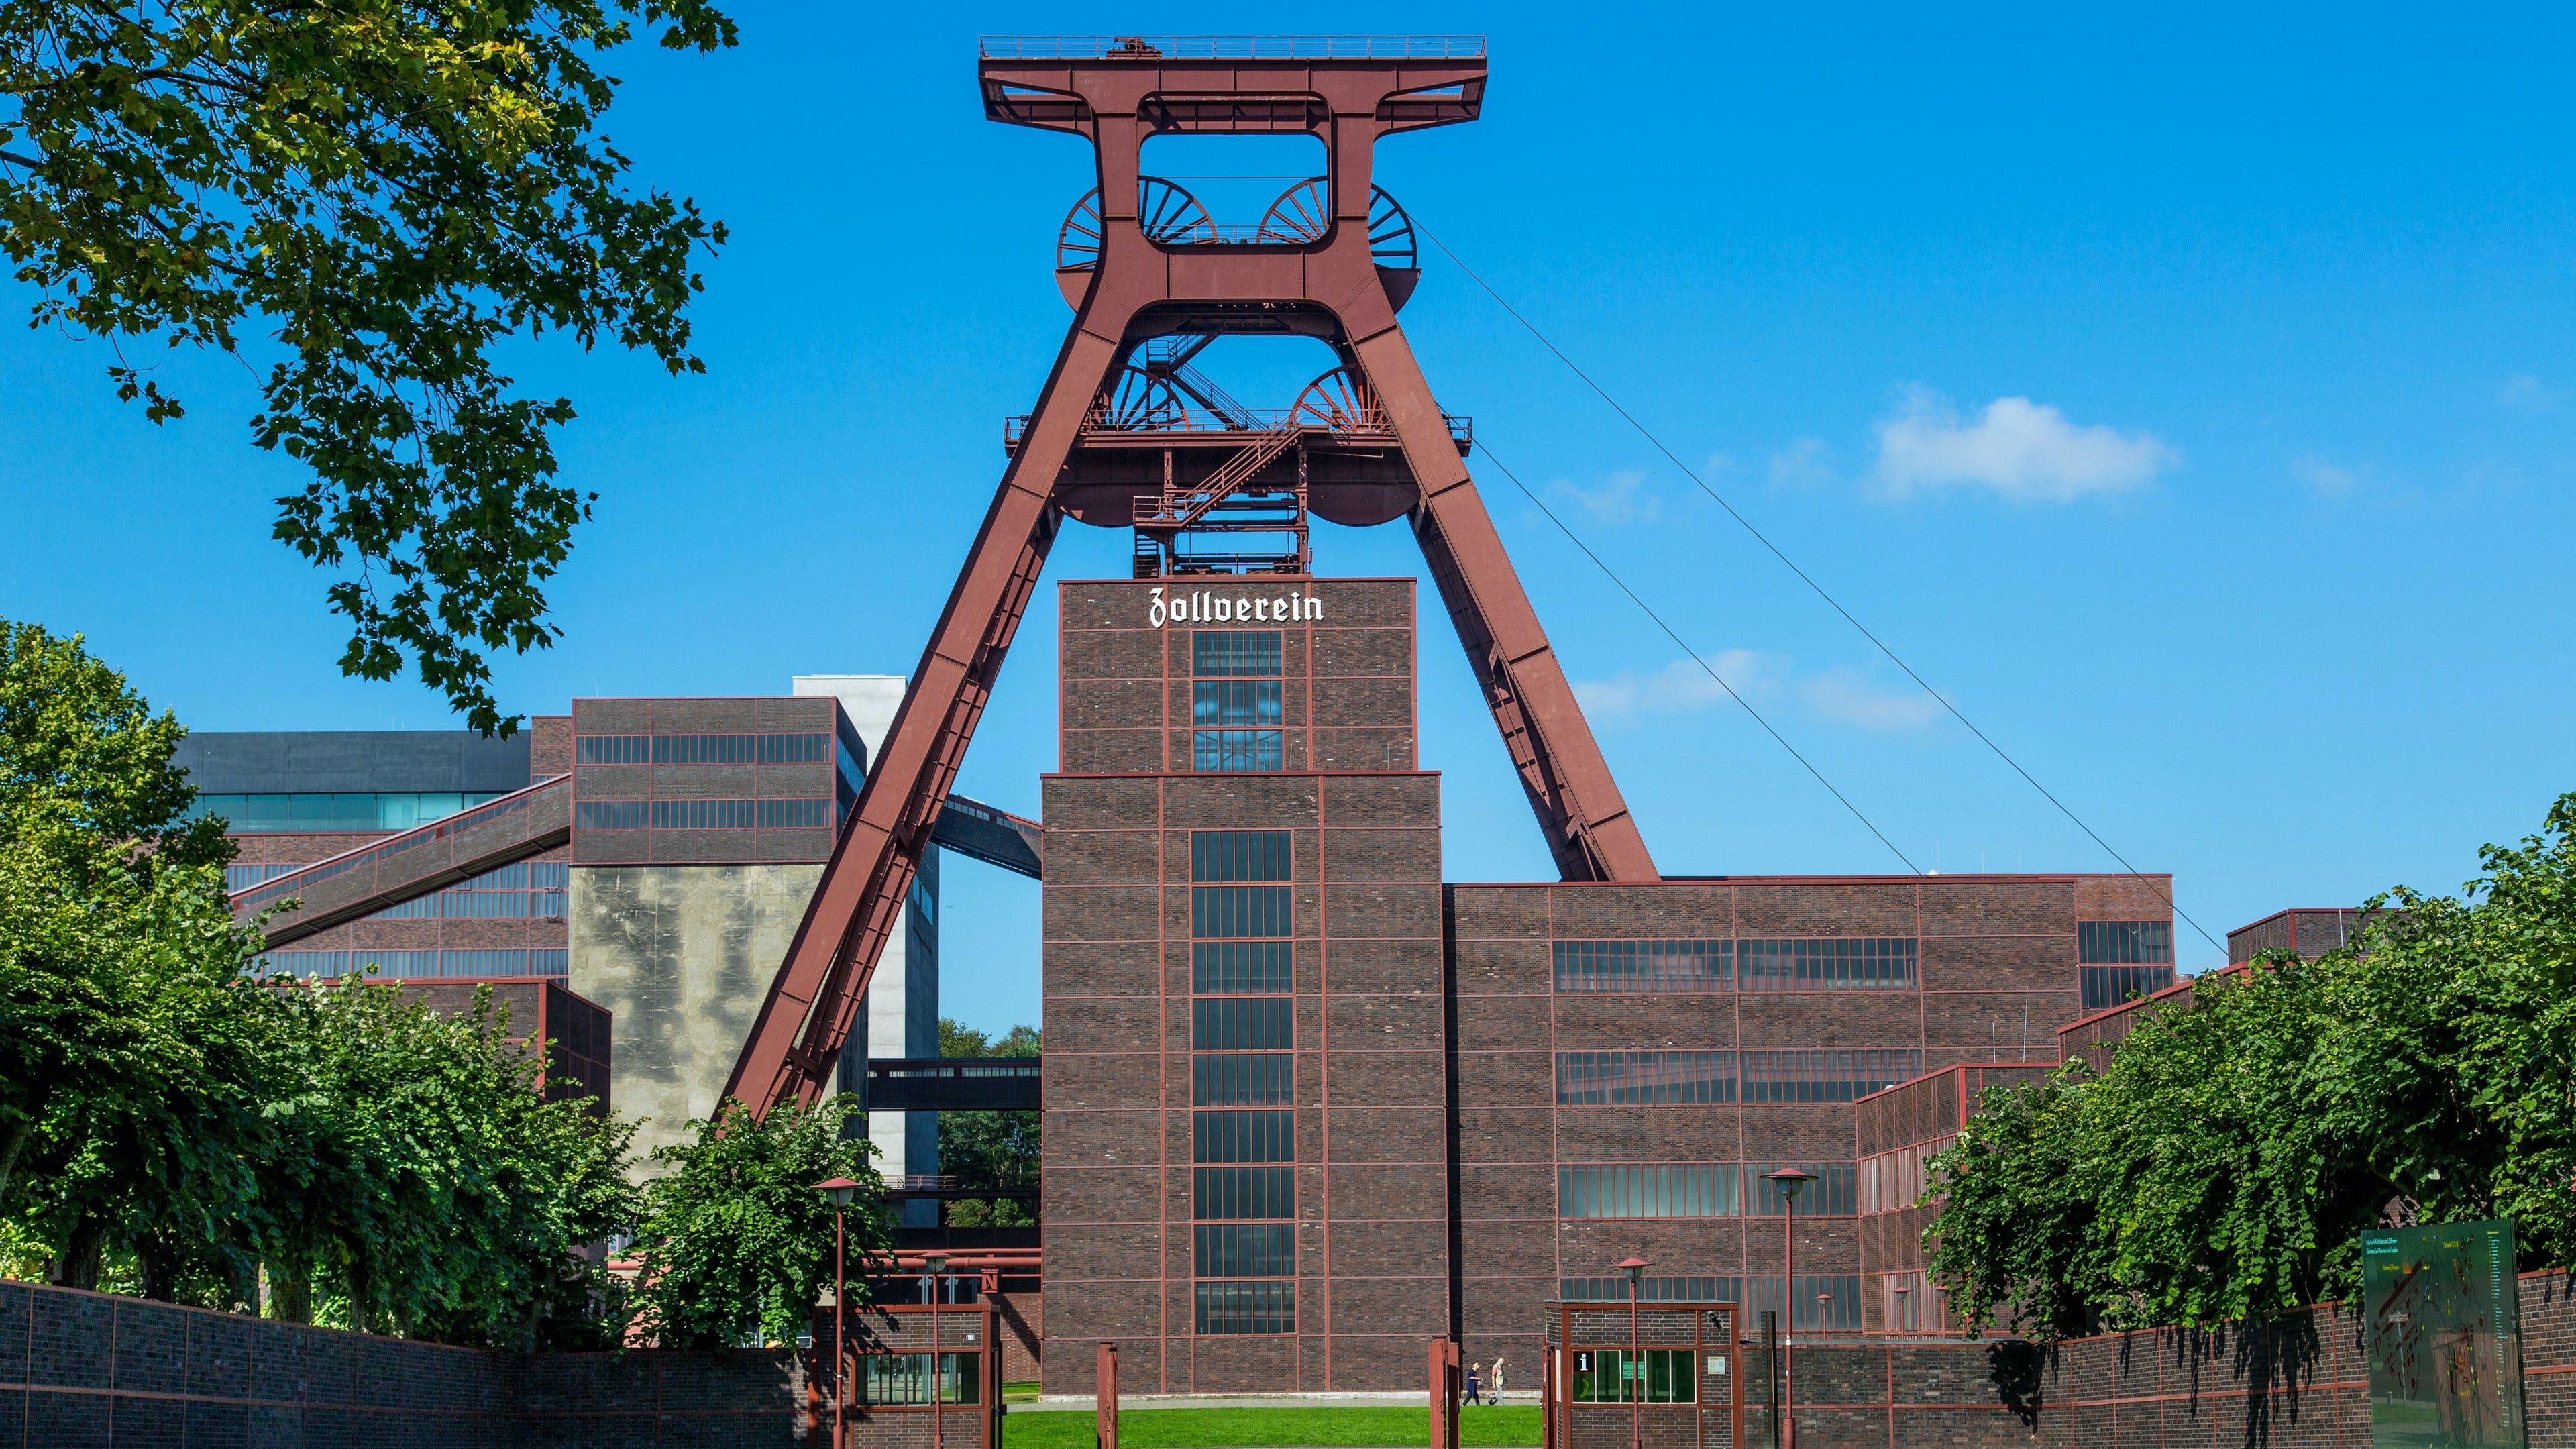 (c) Zollverein.de